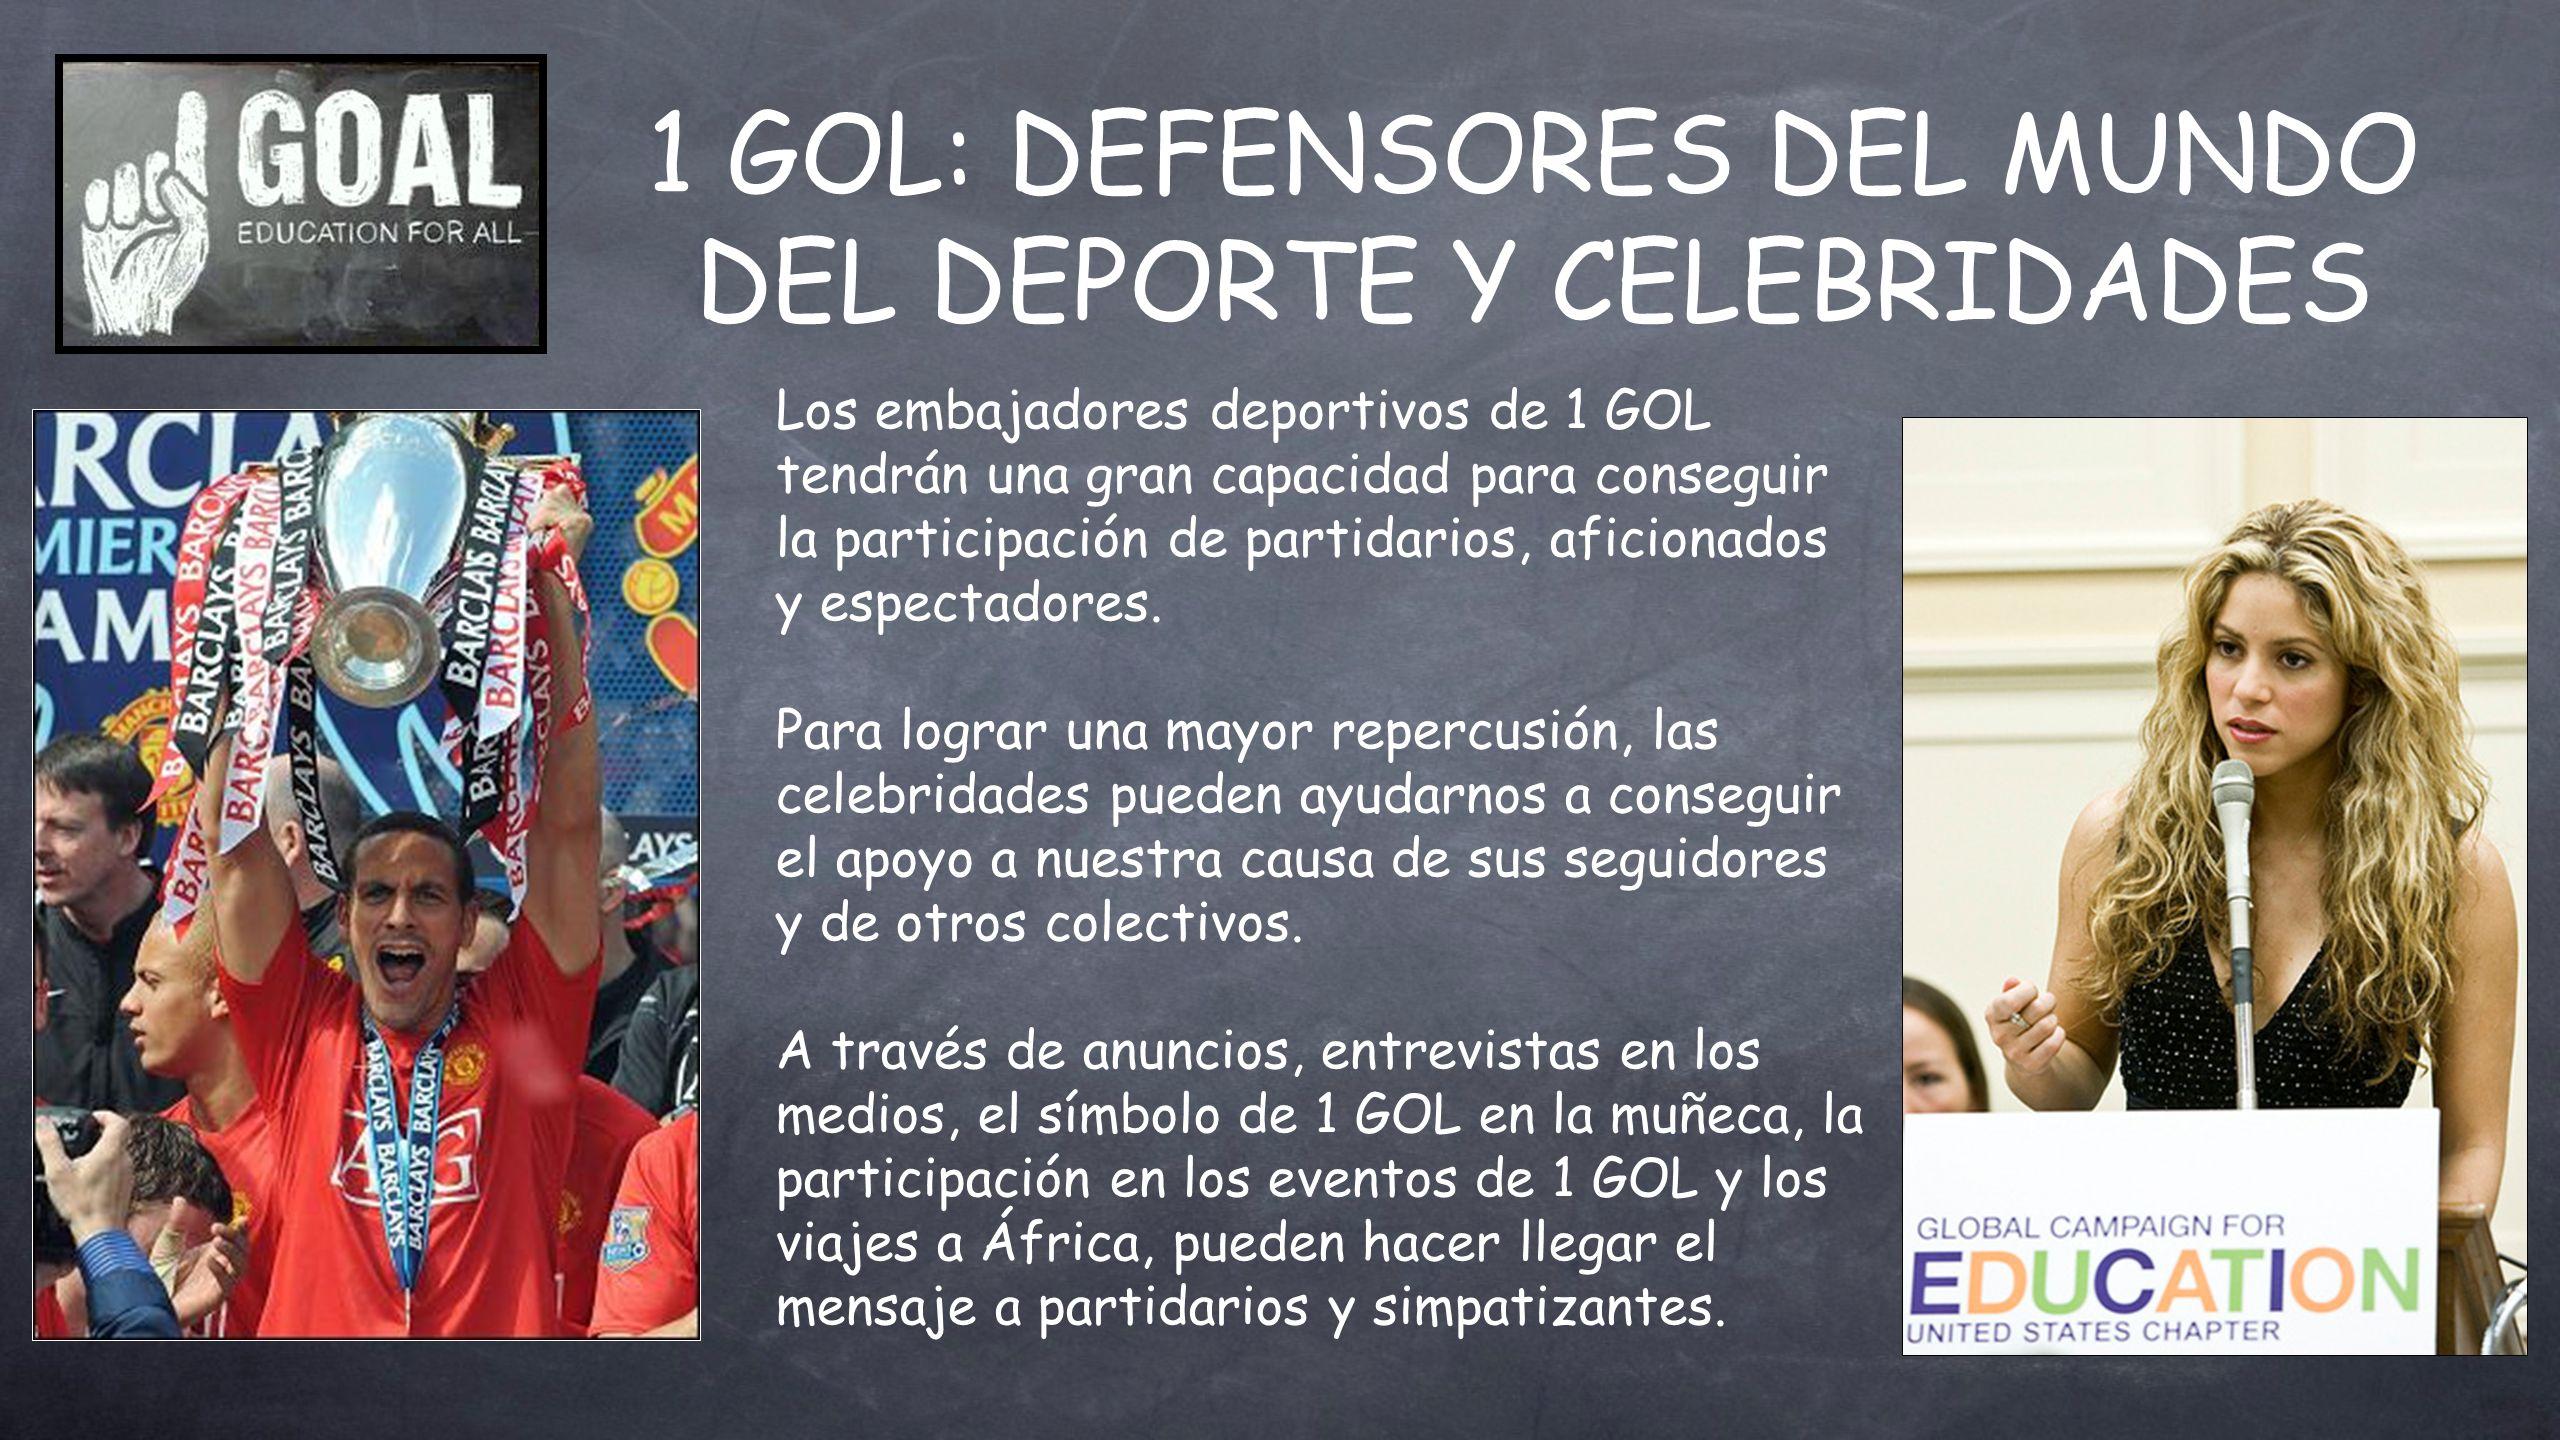 1 GOL: DEFENSORES DEL MUNDO DEL DEPORTE Y CELEBRIDADES Los embajadores deportivos de 1 GOL tendrán una gran capacidad para conseguir la participación